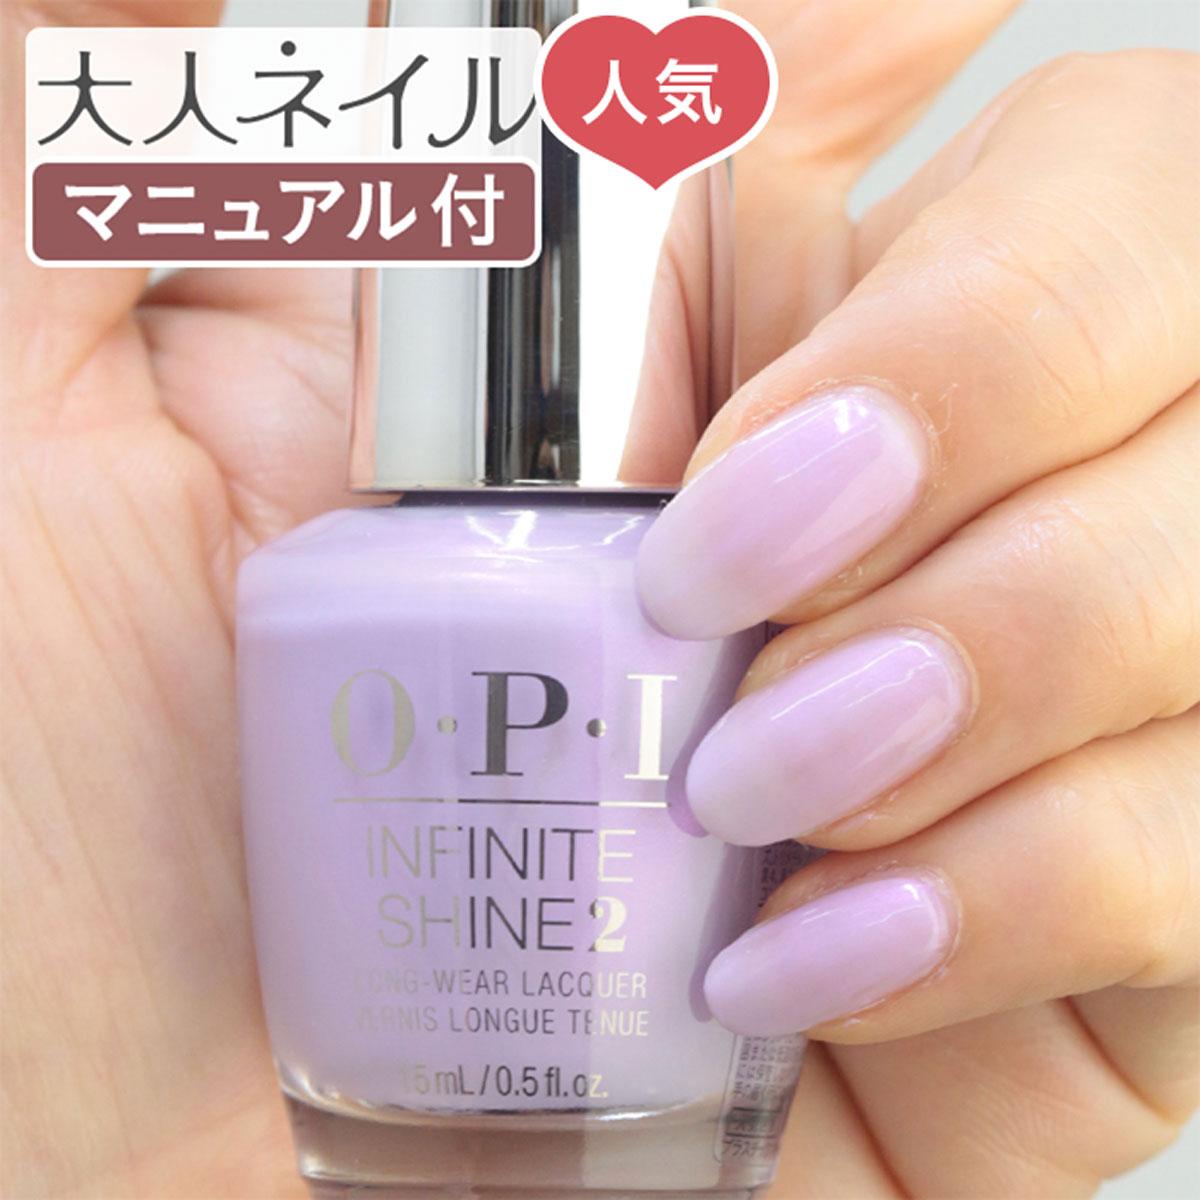 OPI INFINITE SHINE インフィニット シャイン IS-LE96 GlistenCarefully(グリスン ケアフリー!) 15ml うすパープル 夏ネイル 夏カラー 春ネイル 春カラー